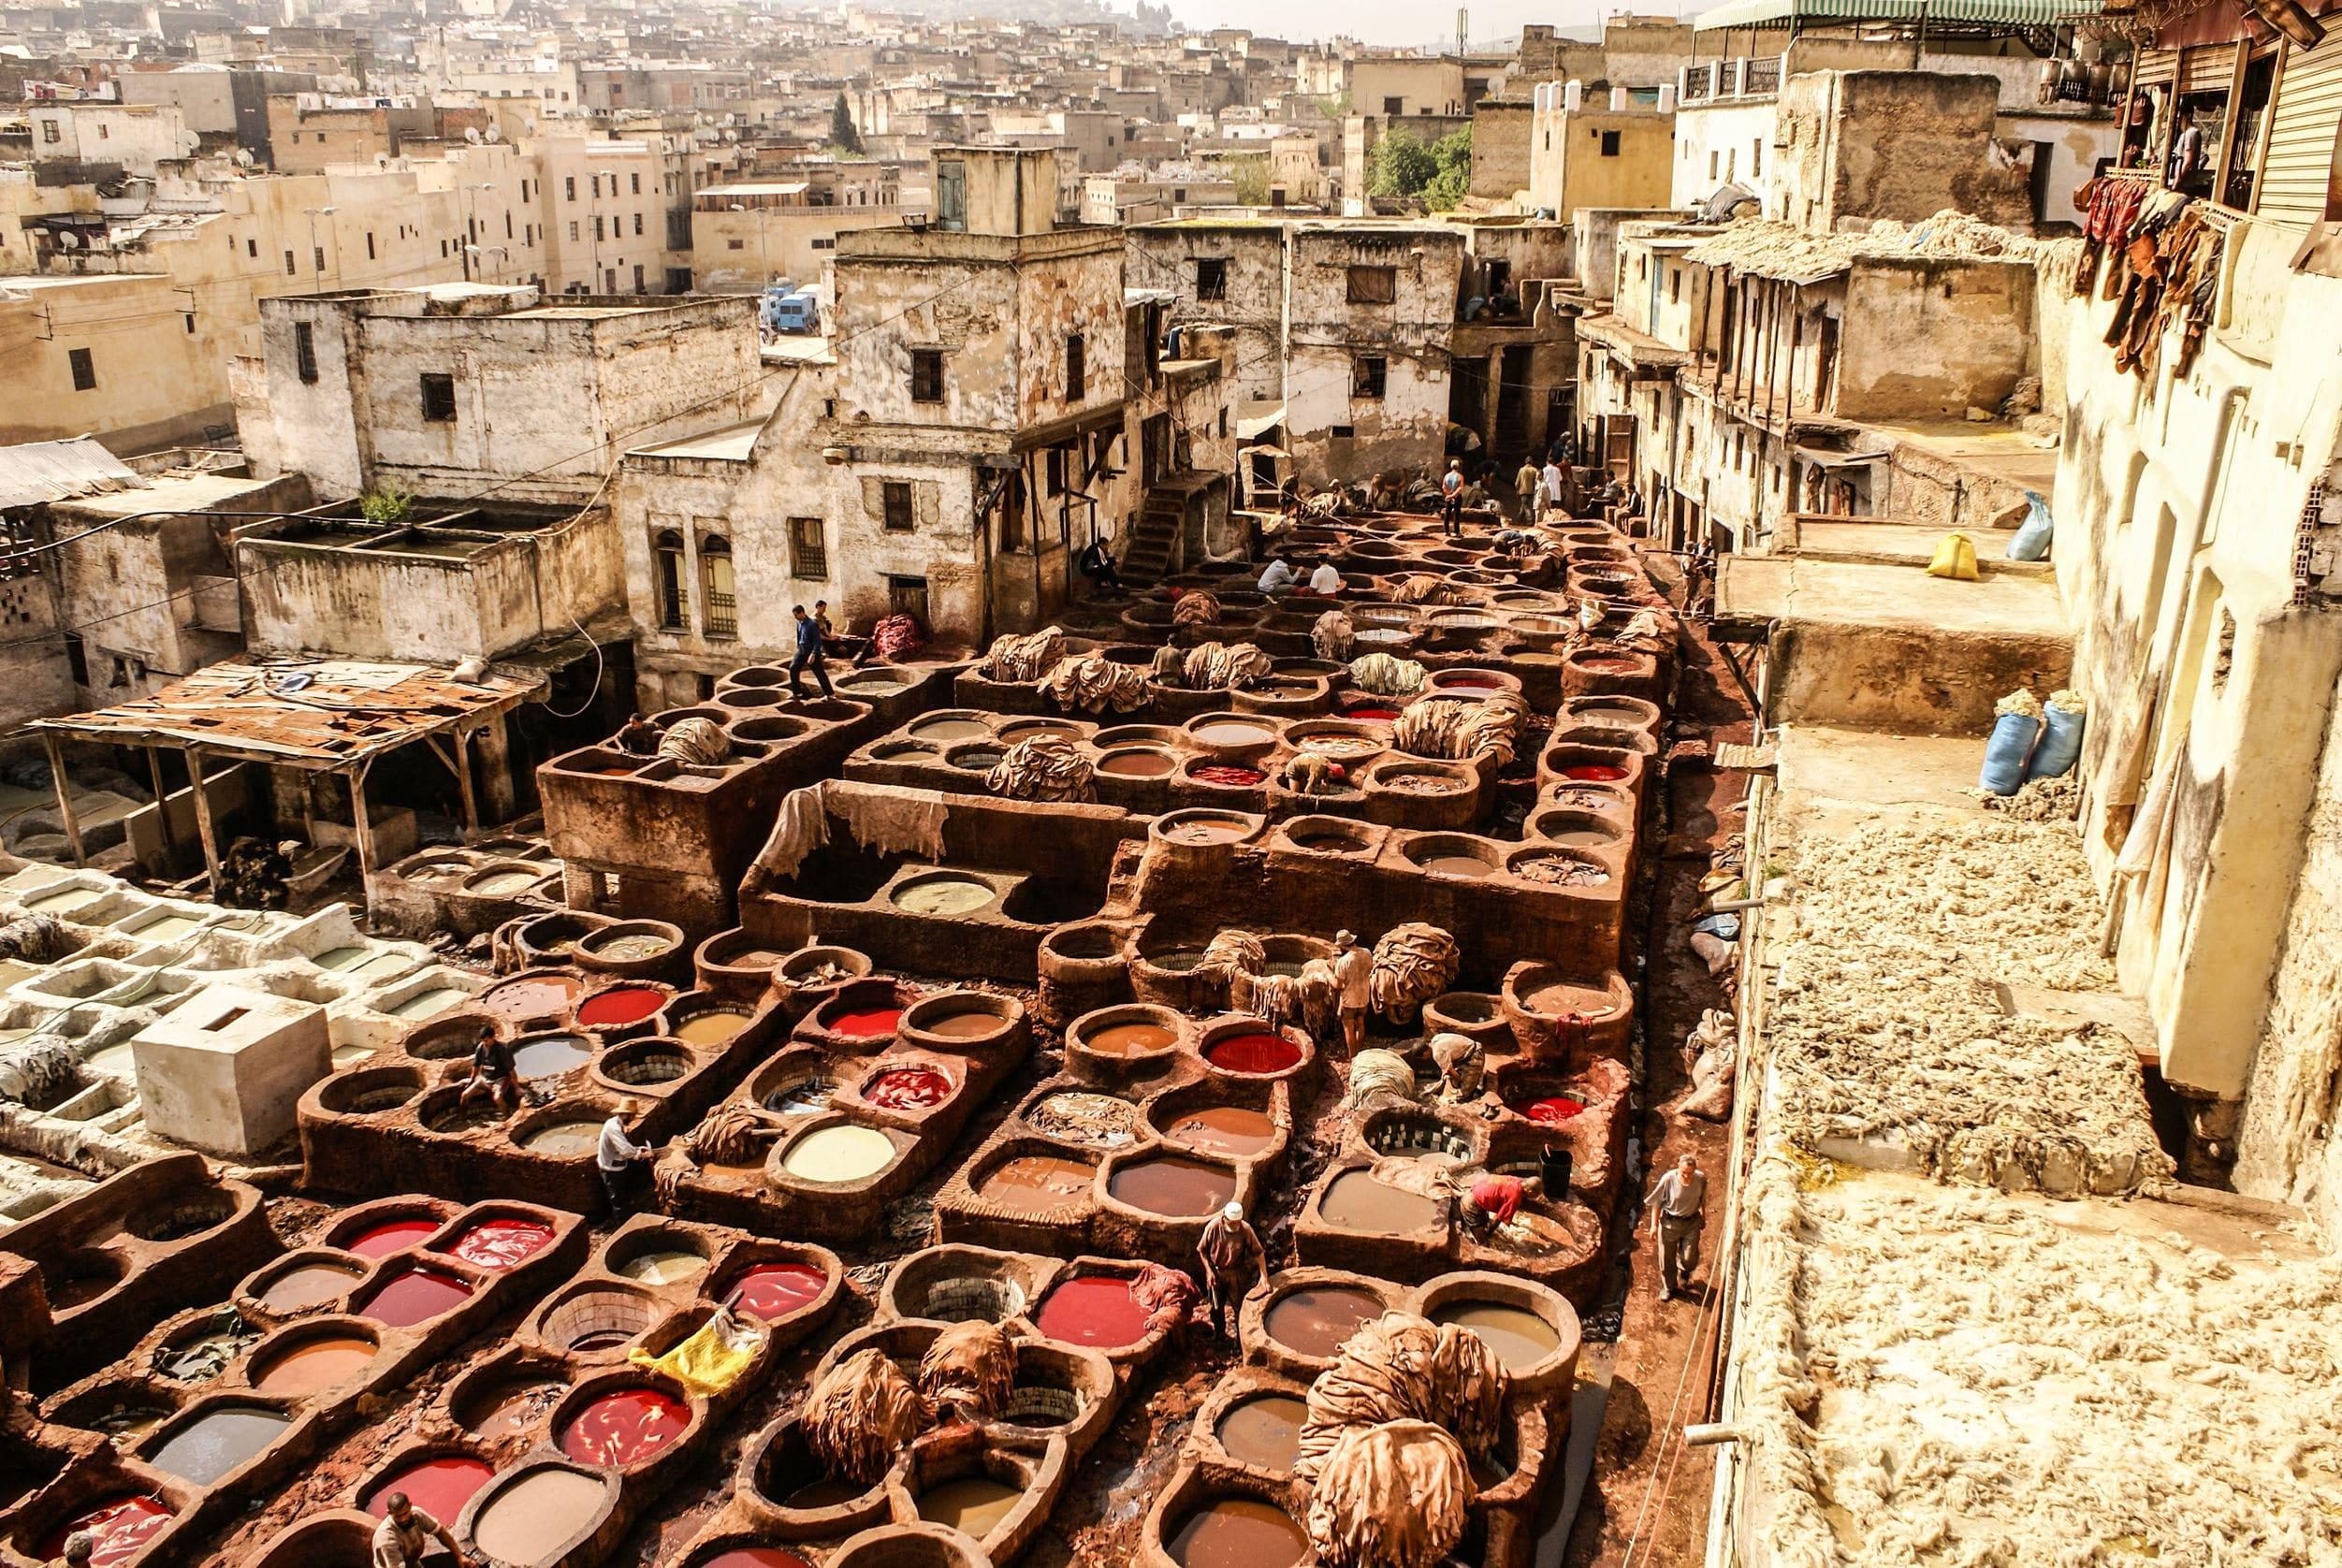 Ruta Mucho de Marruecos » 12 días / 11 noches desde 835€ 7